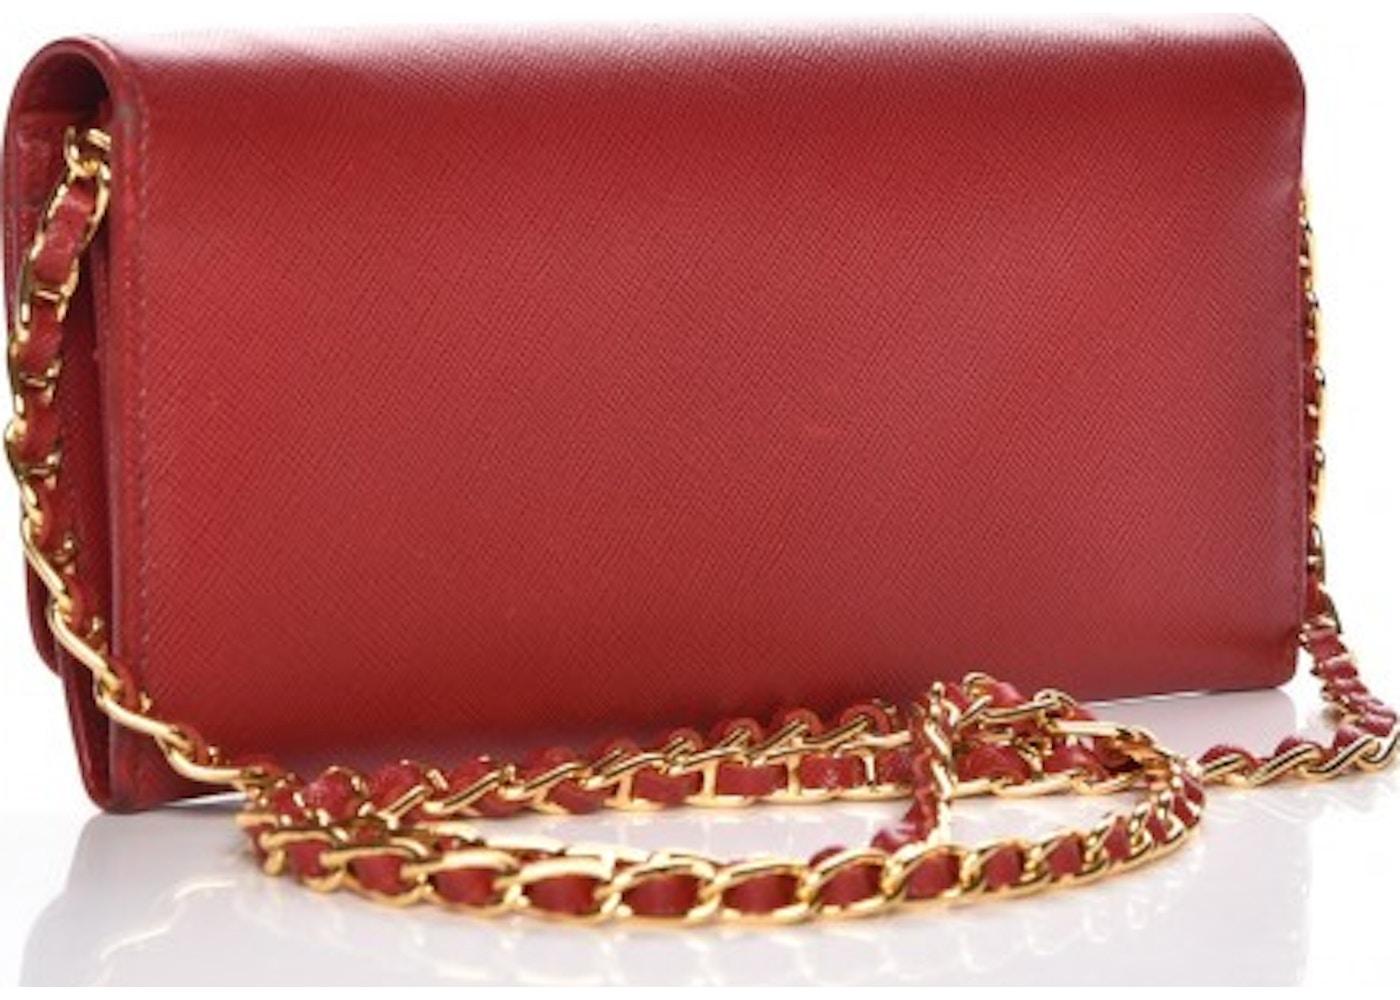 b424bd5d74ff Prada Metal Oro Chain Wallet Saffiano Fuoco Red